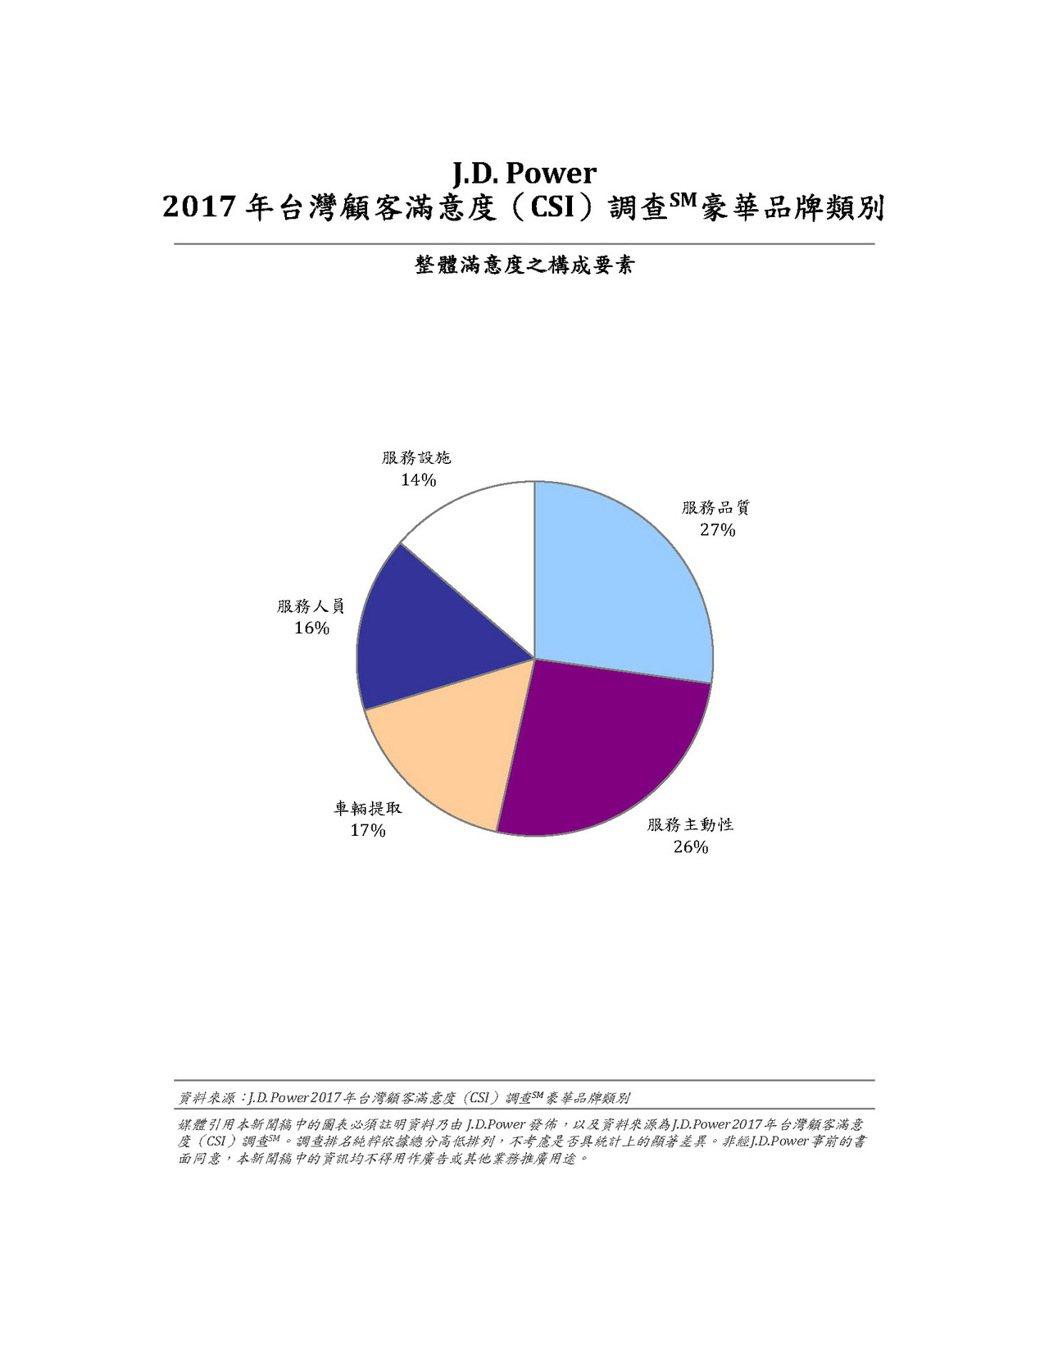 2017 年台灣顧客滿意度(CSI)調查_整體滿意度之構成要素 - 豪華品牌類別...